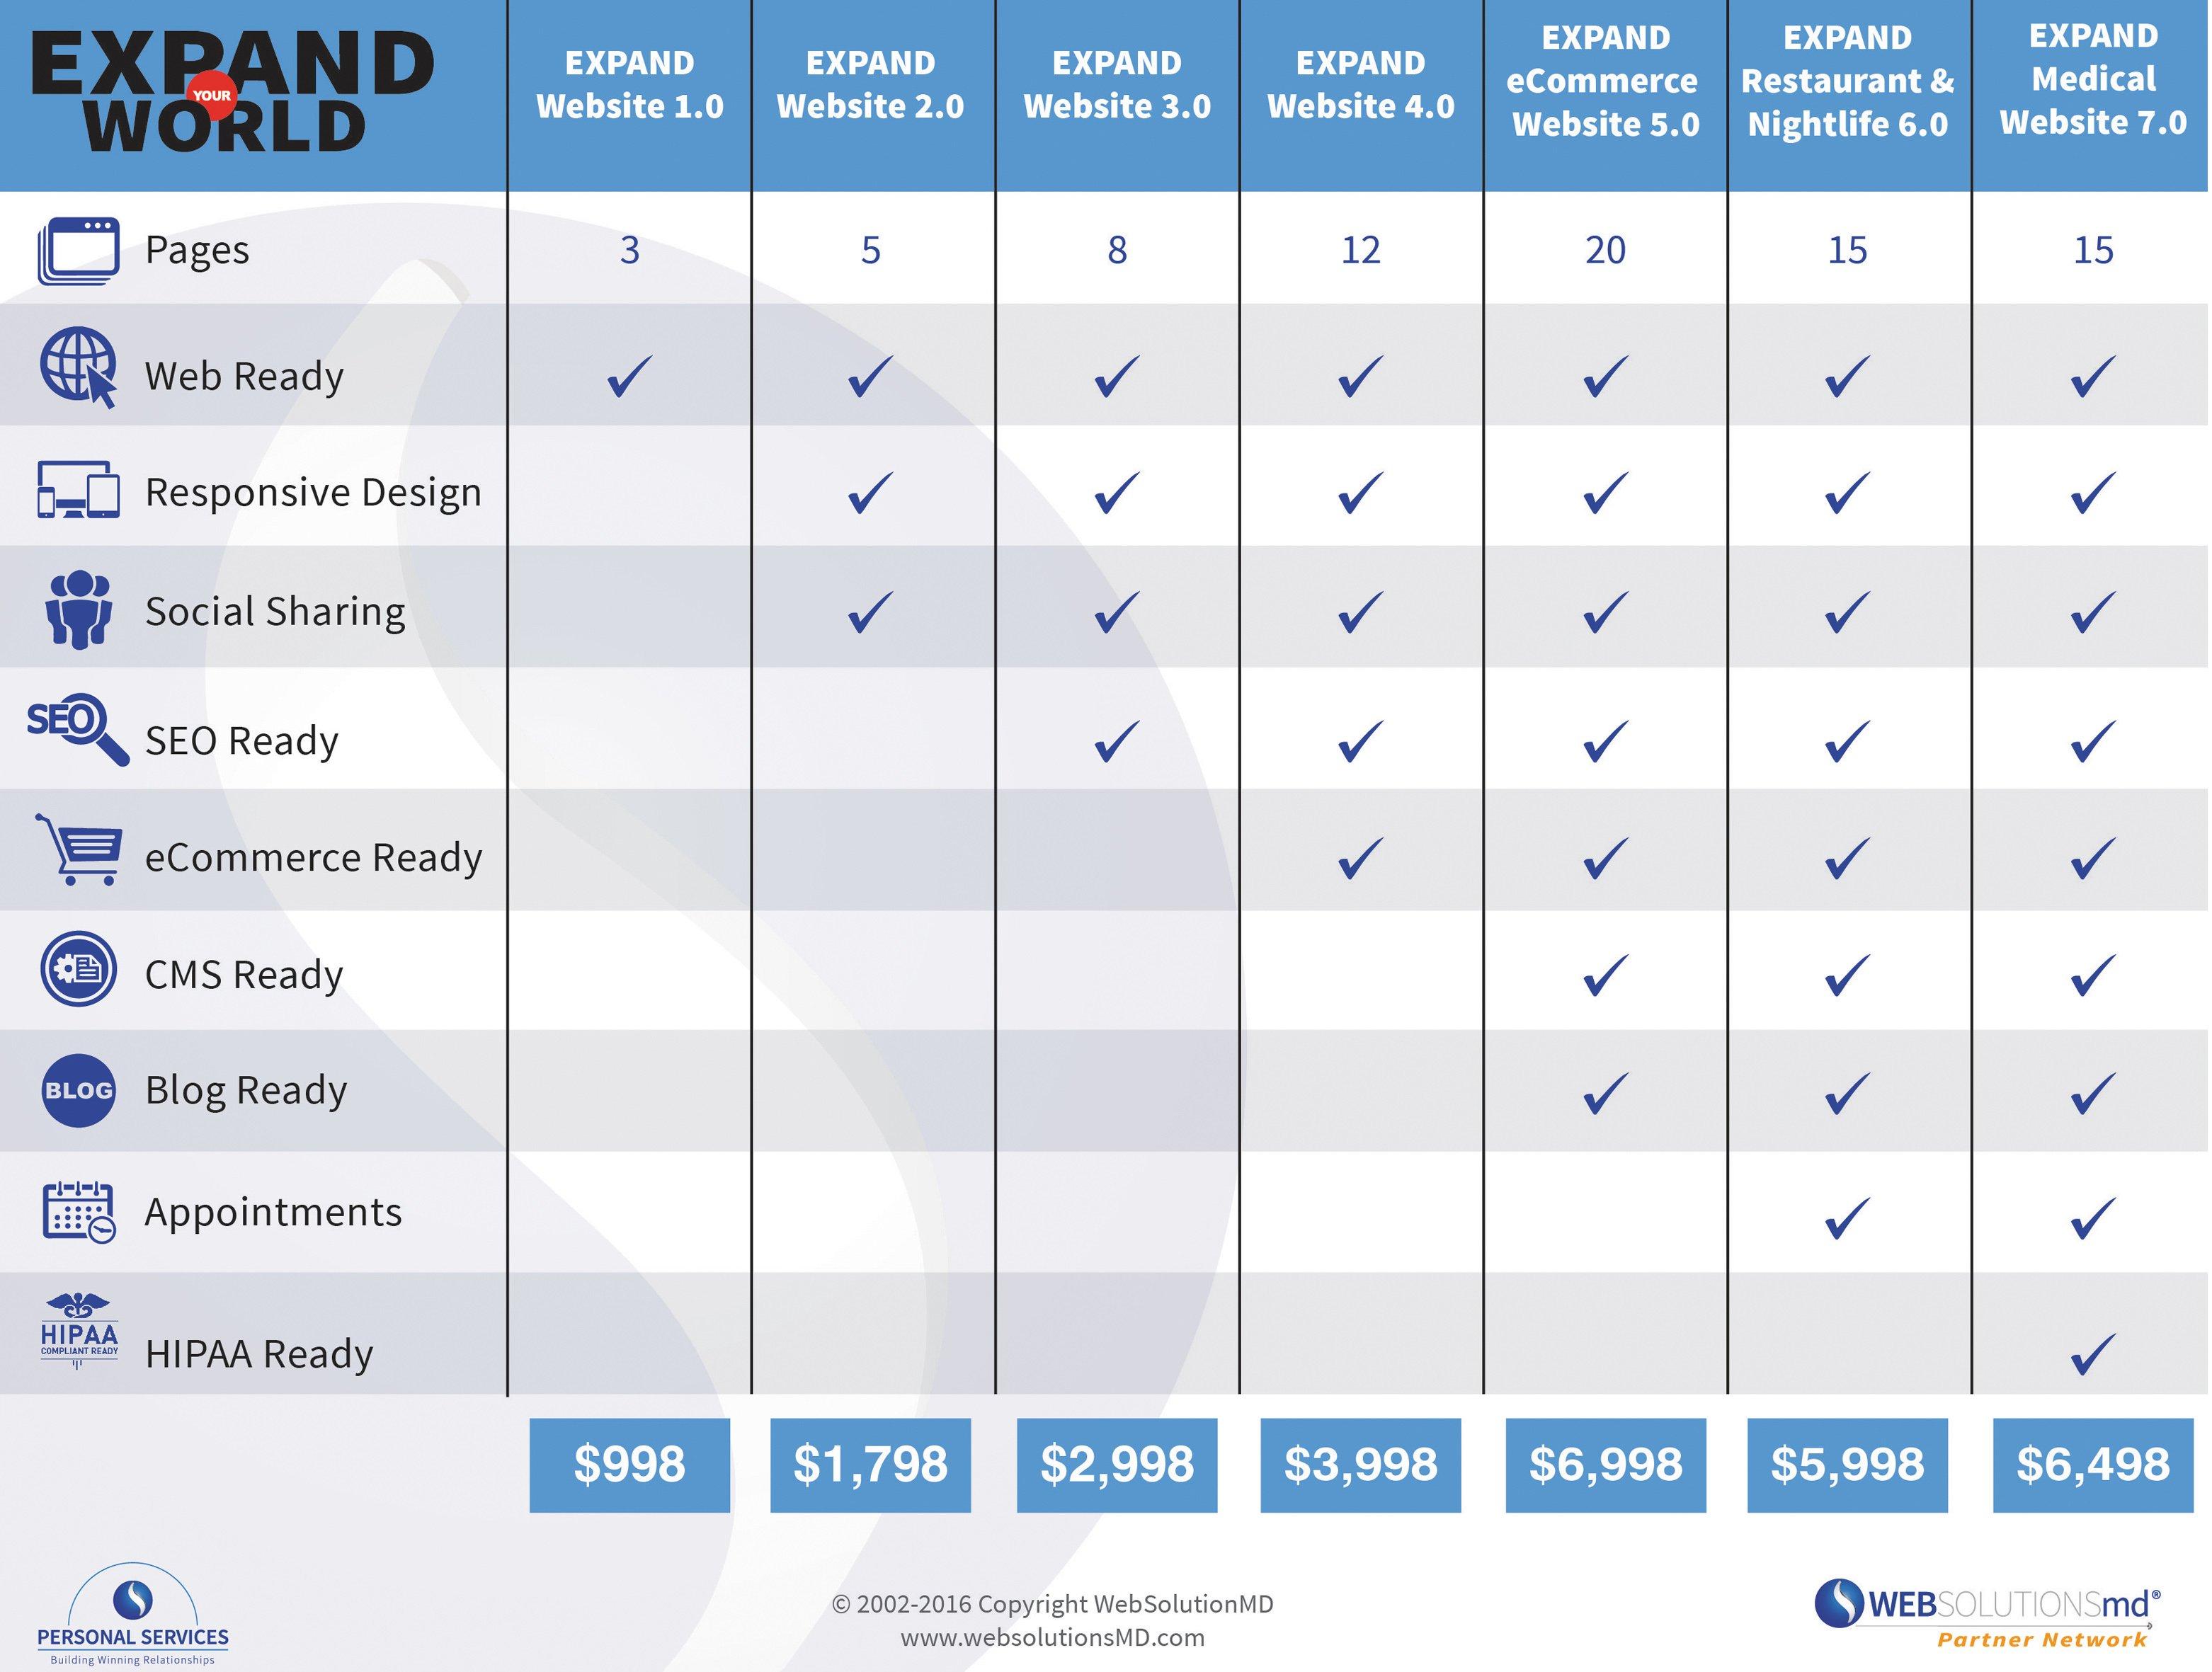 EXPAND Comparison Chart